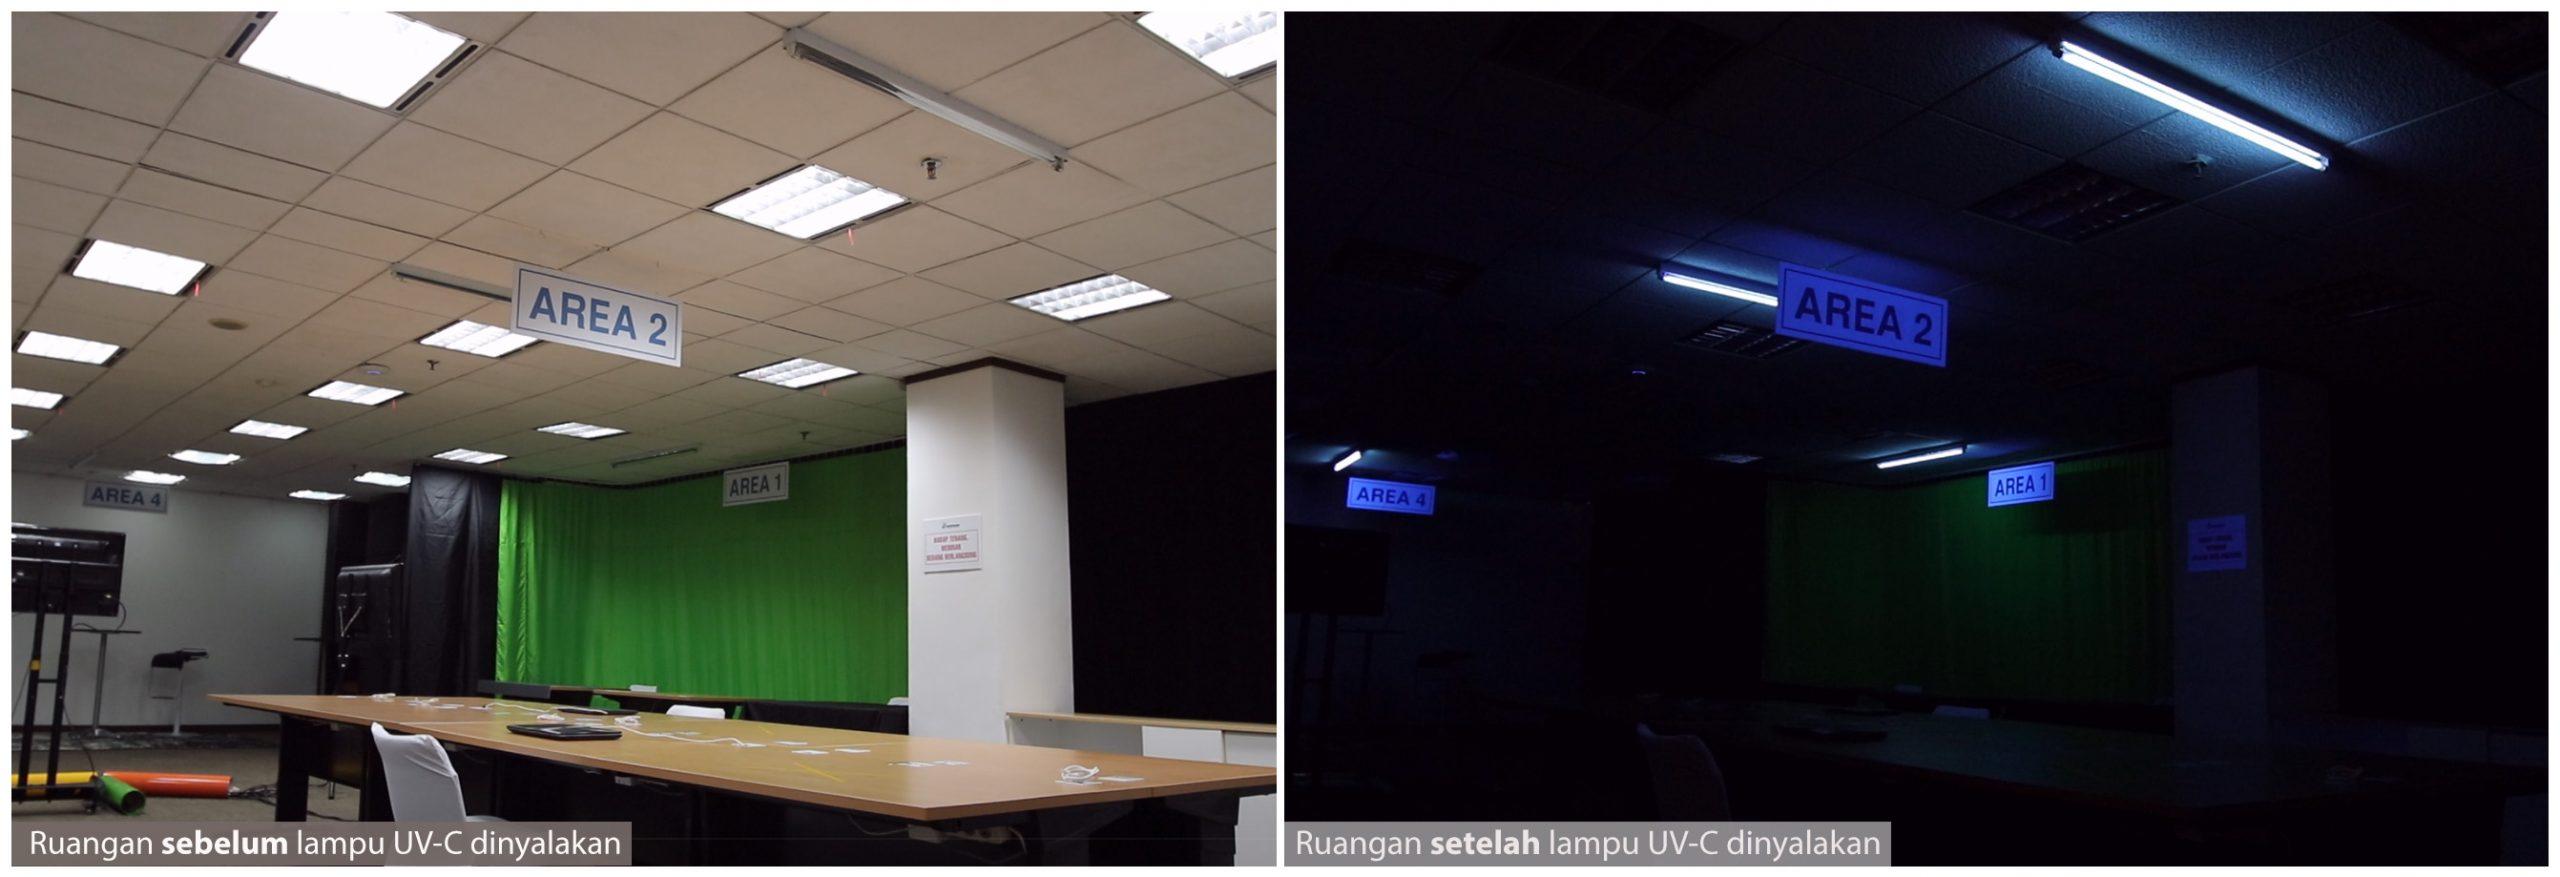 Penerapan lampu UC-V di Ruang Kerja Kantor_3